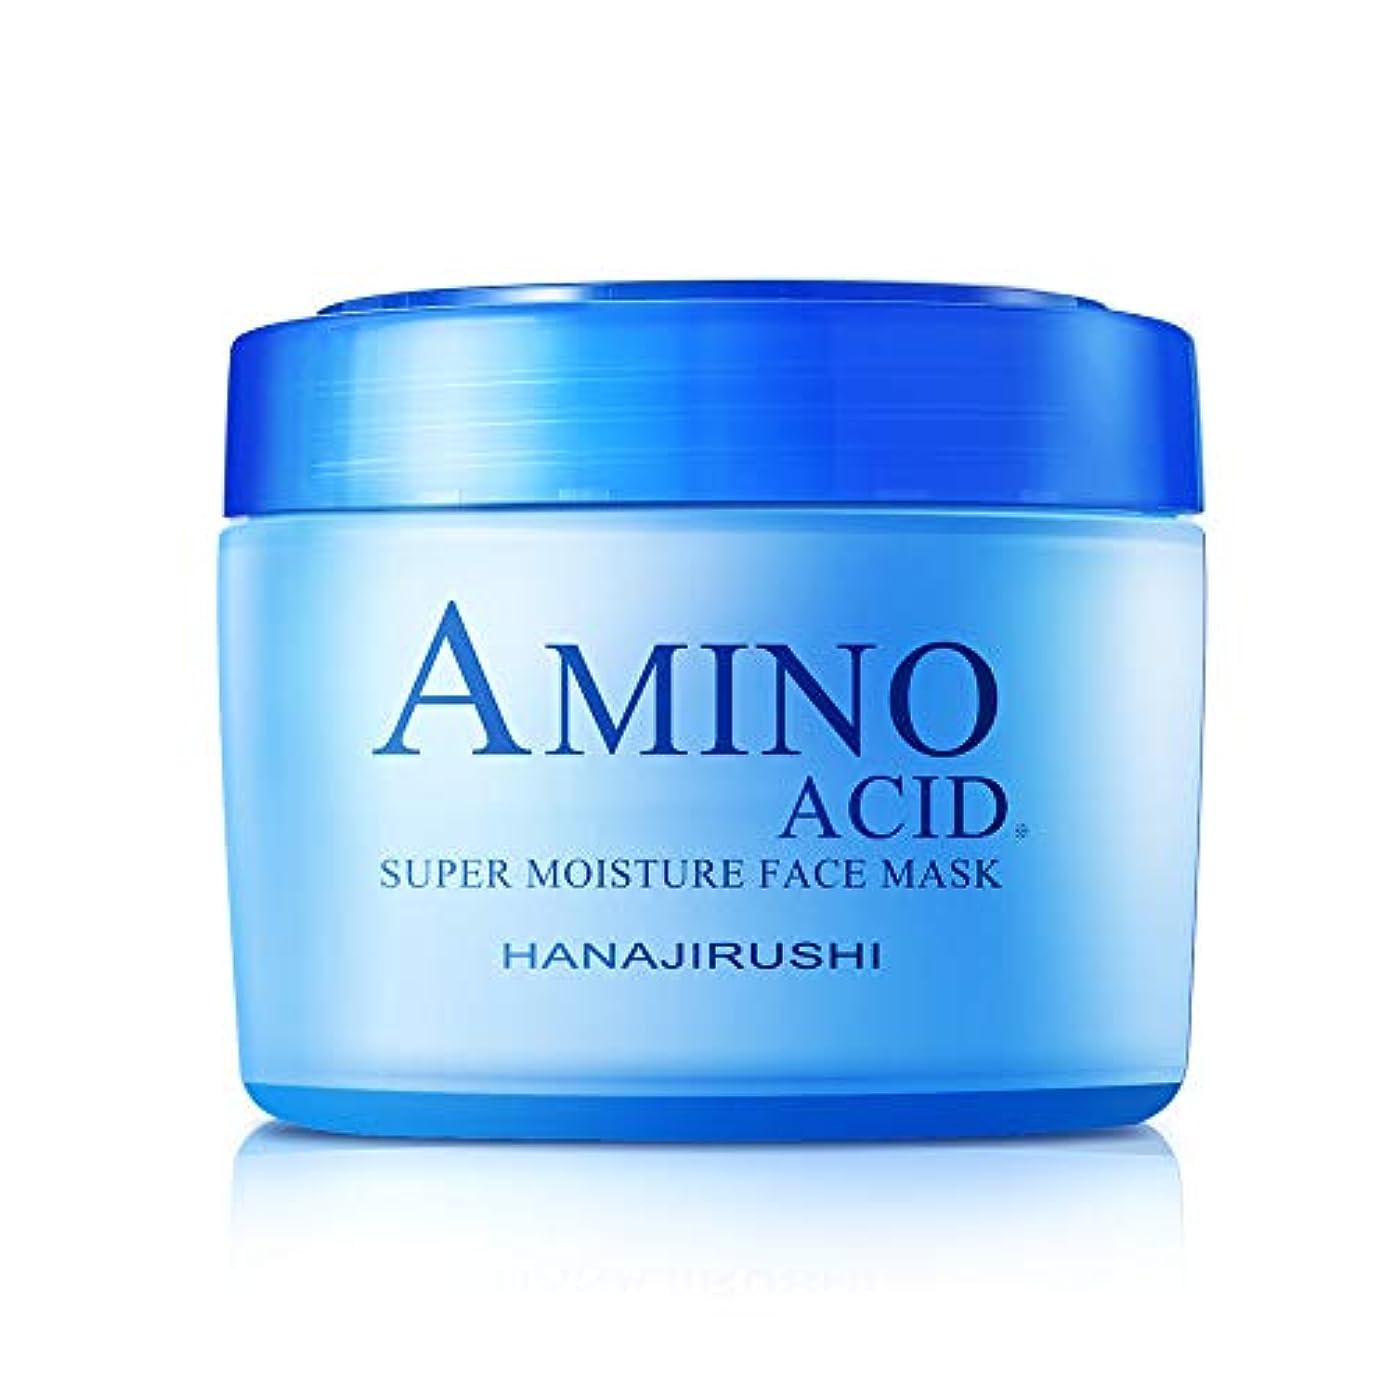 元の所有権できない花印 高保湿濃潤ジェル状フェイスパック220gヒト型セラミド&アミノ酸配合